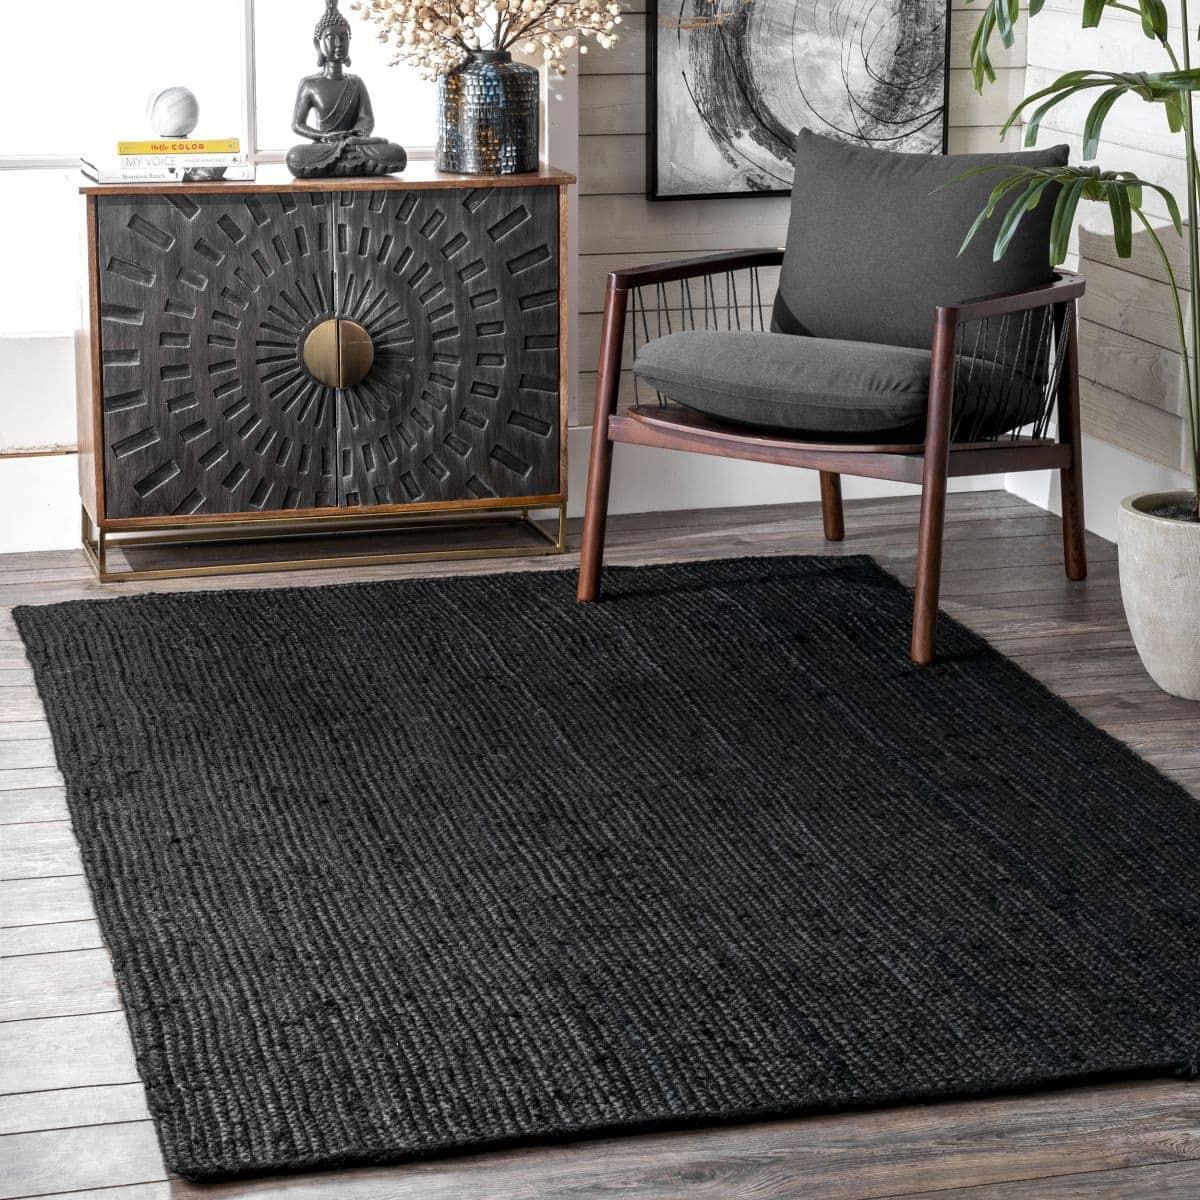 Go Dark With a Black Rug on Dark Wood Floors